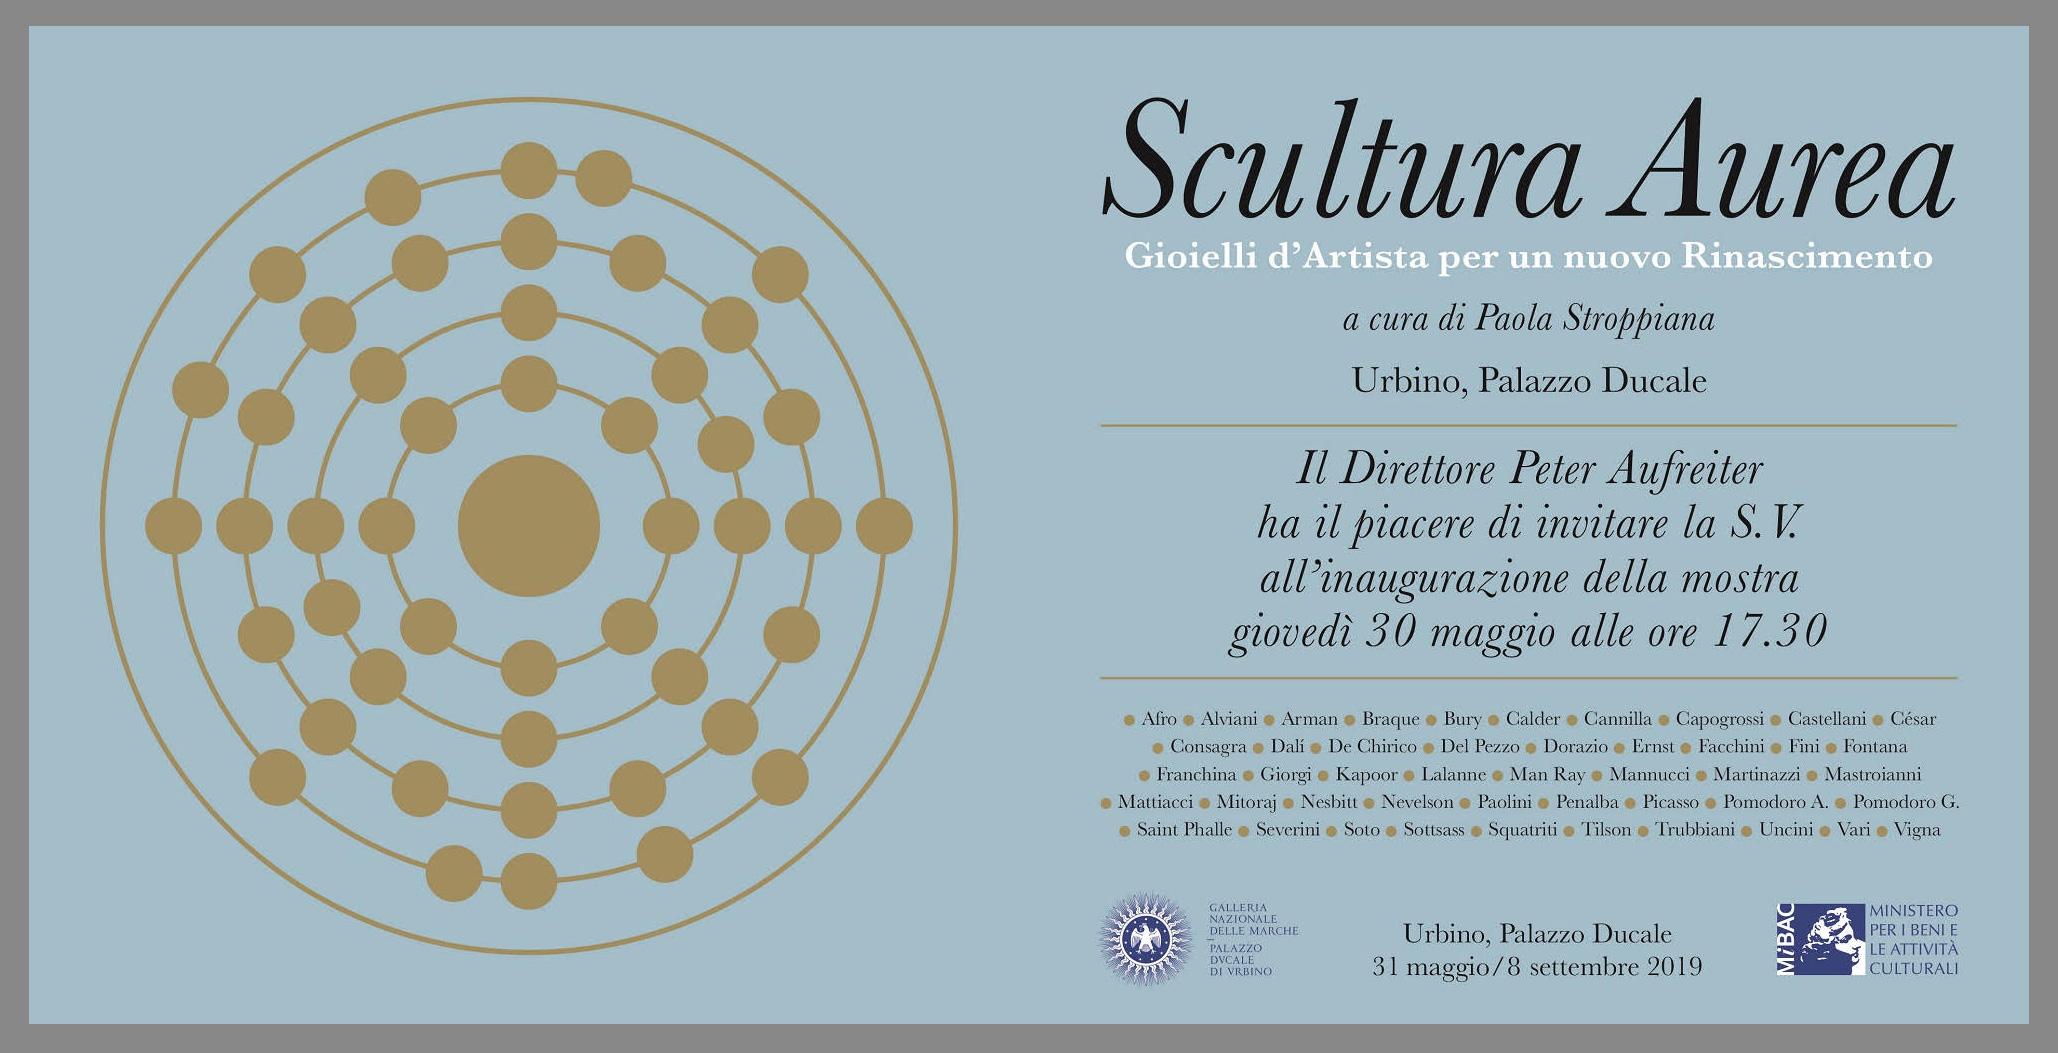 Scultura aurea, Urbino